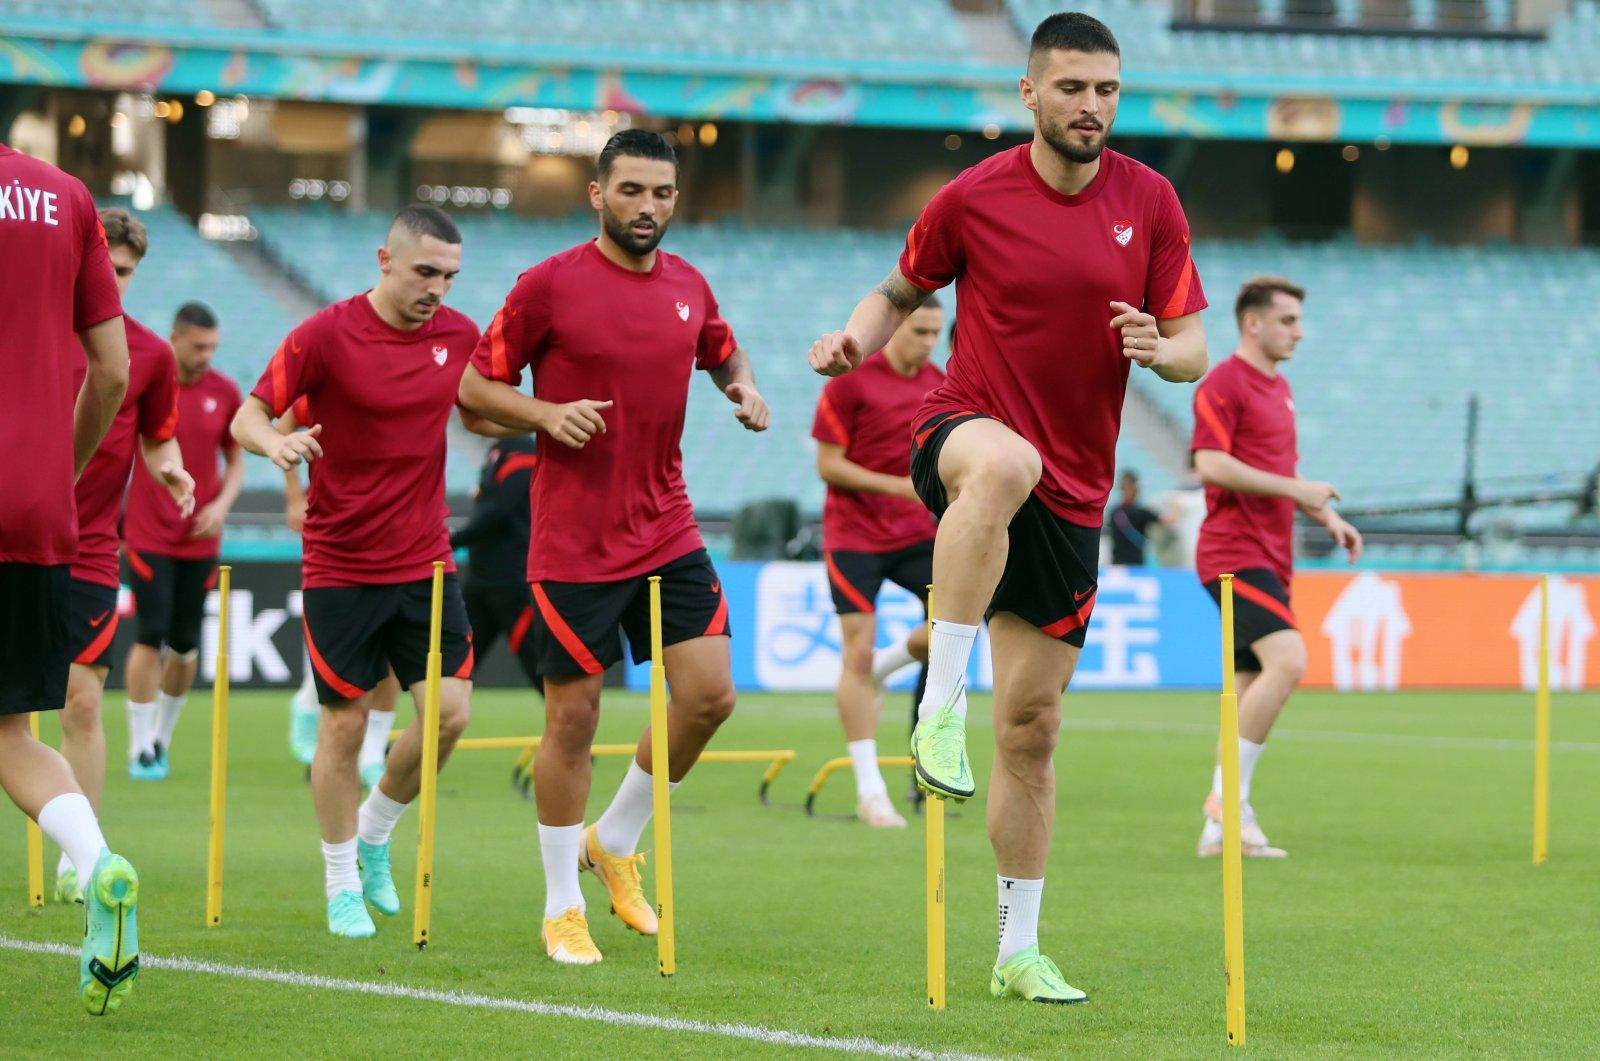 Turkish national team players train ahead of their EURO 2020 Group A match against Wales, Baku, Azerbaijan, June 16, 2021. (DHA Photo)